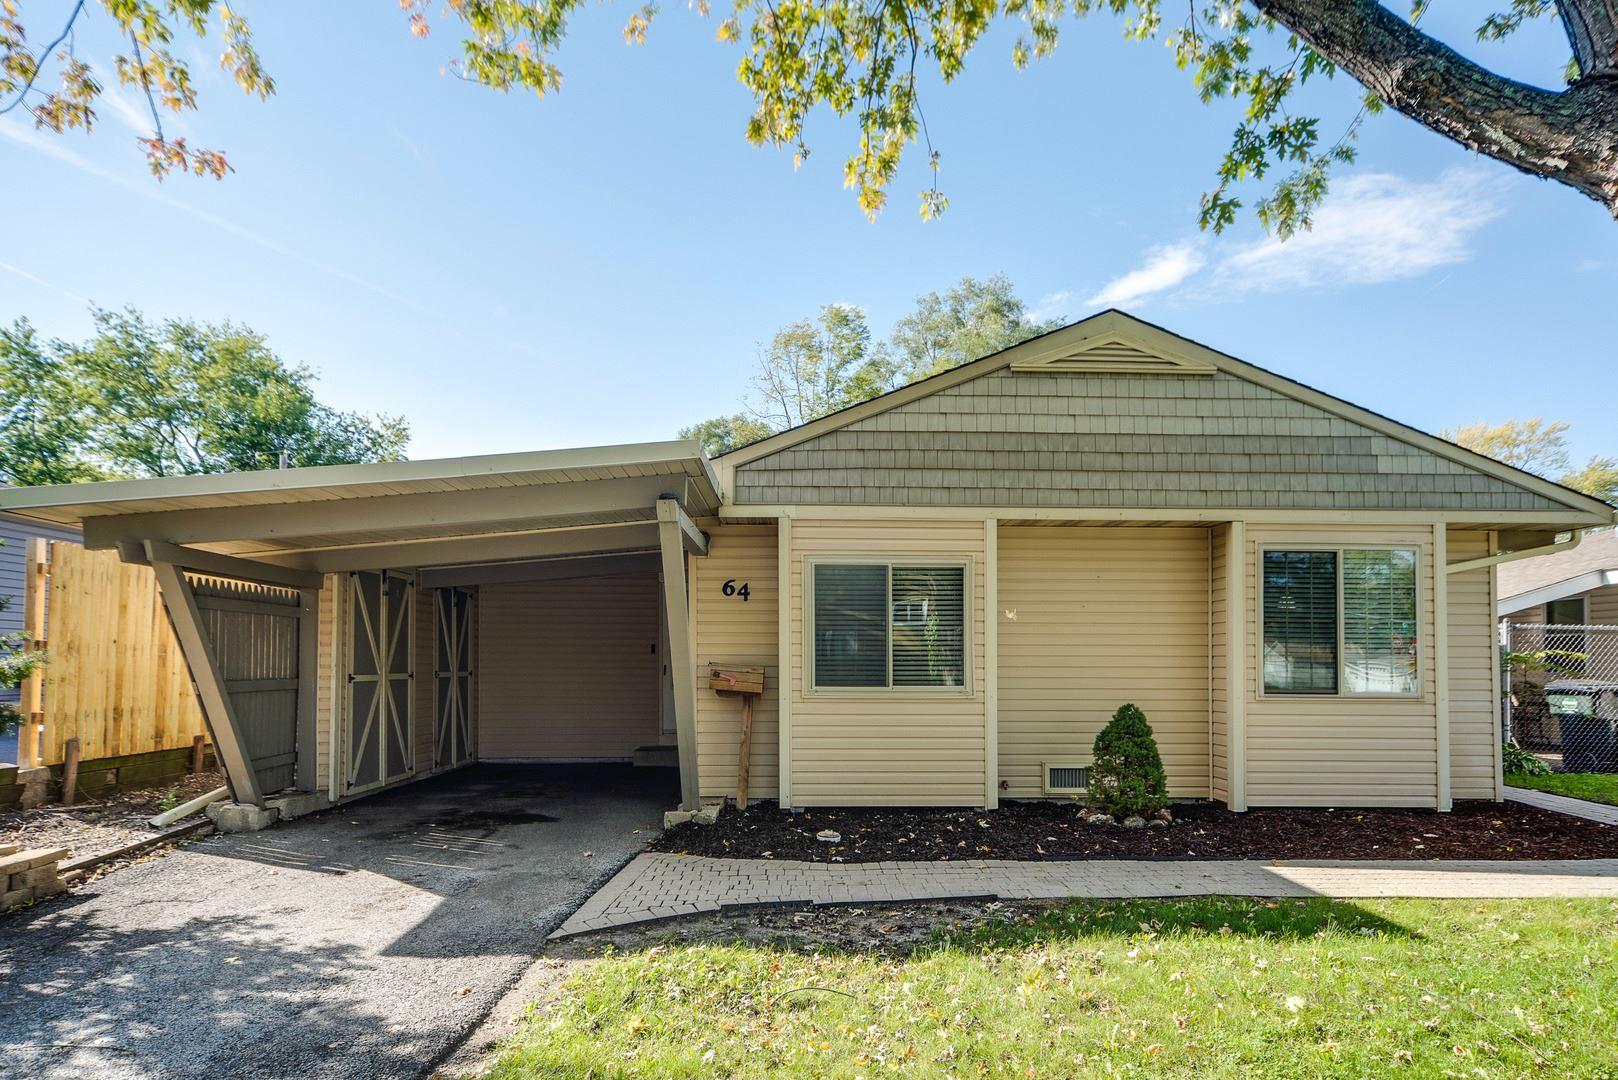 64 N Ridgemoor Avenue, Mundelein, IL 60060 - #: 11252581